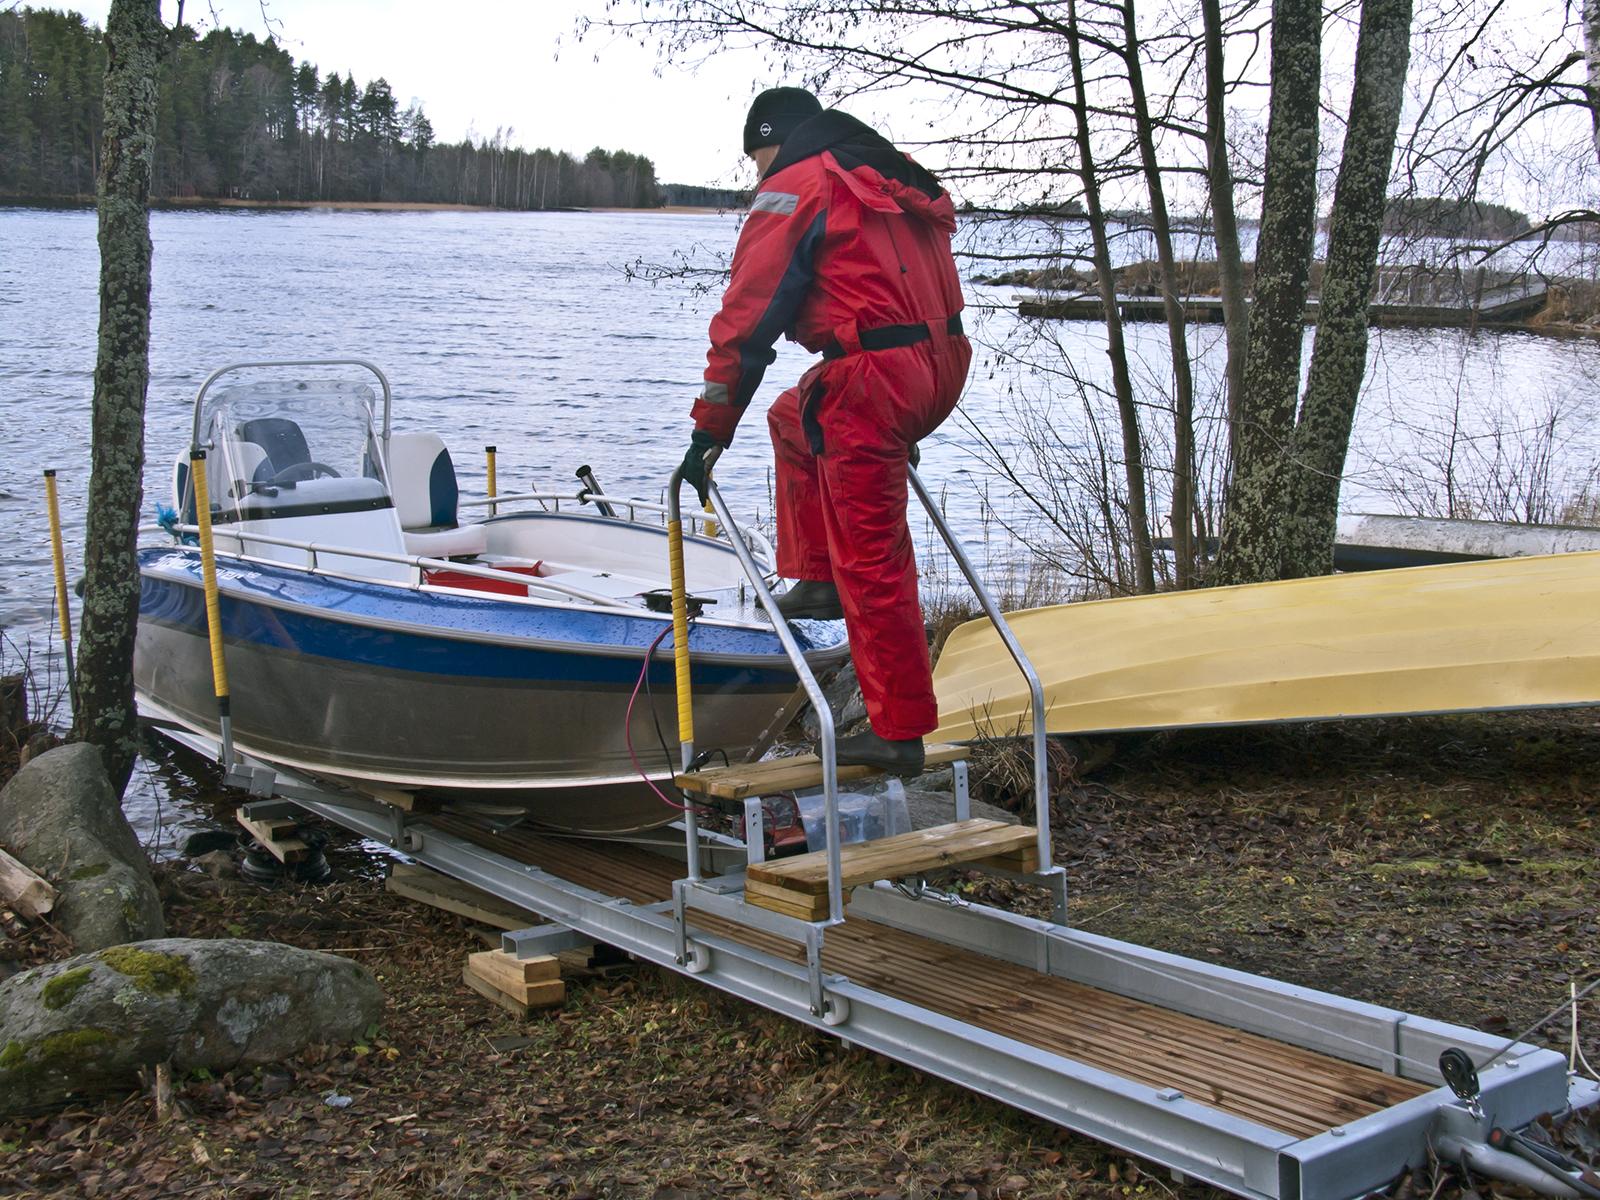 veneroller-telakkaan-portaita-pitkin